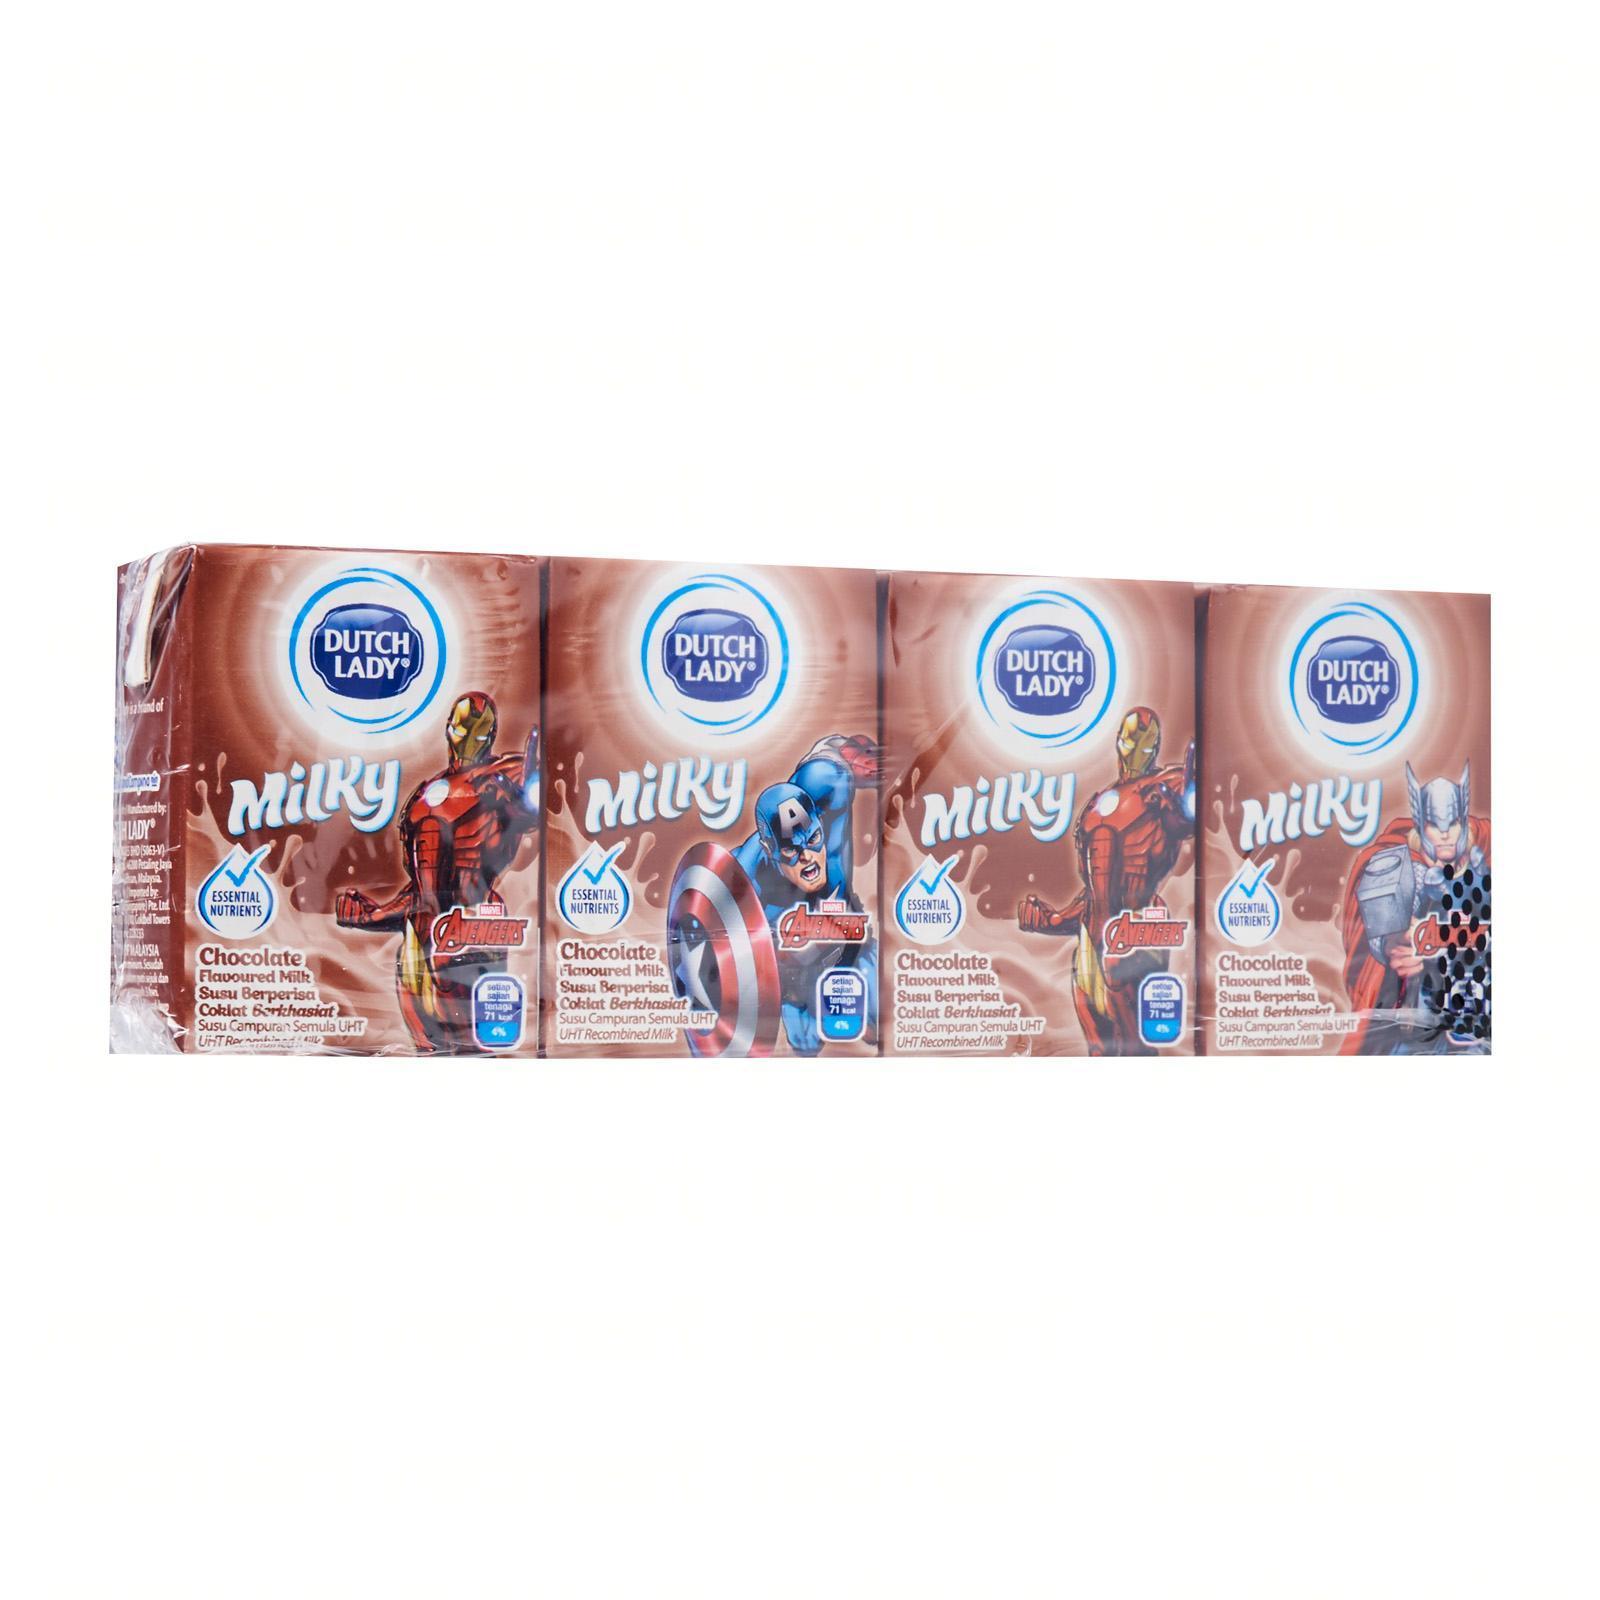 Dutch Lady Marvel Milky Chocolate UHT Milk